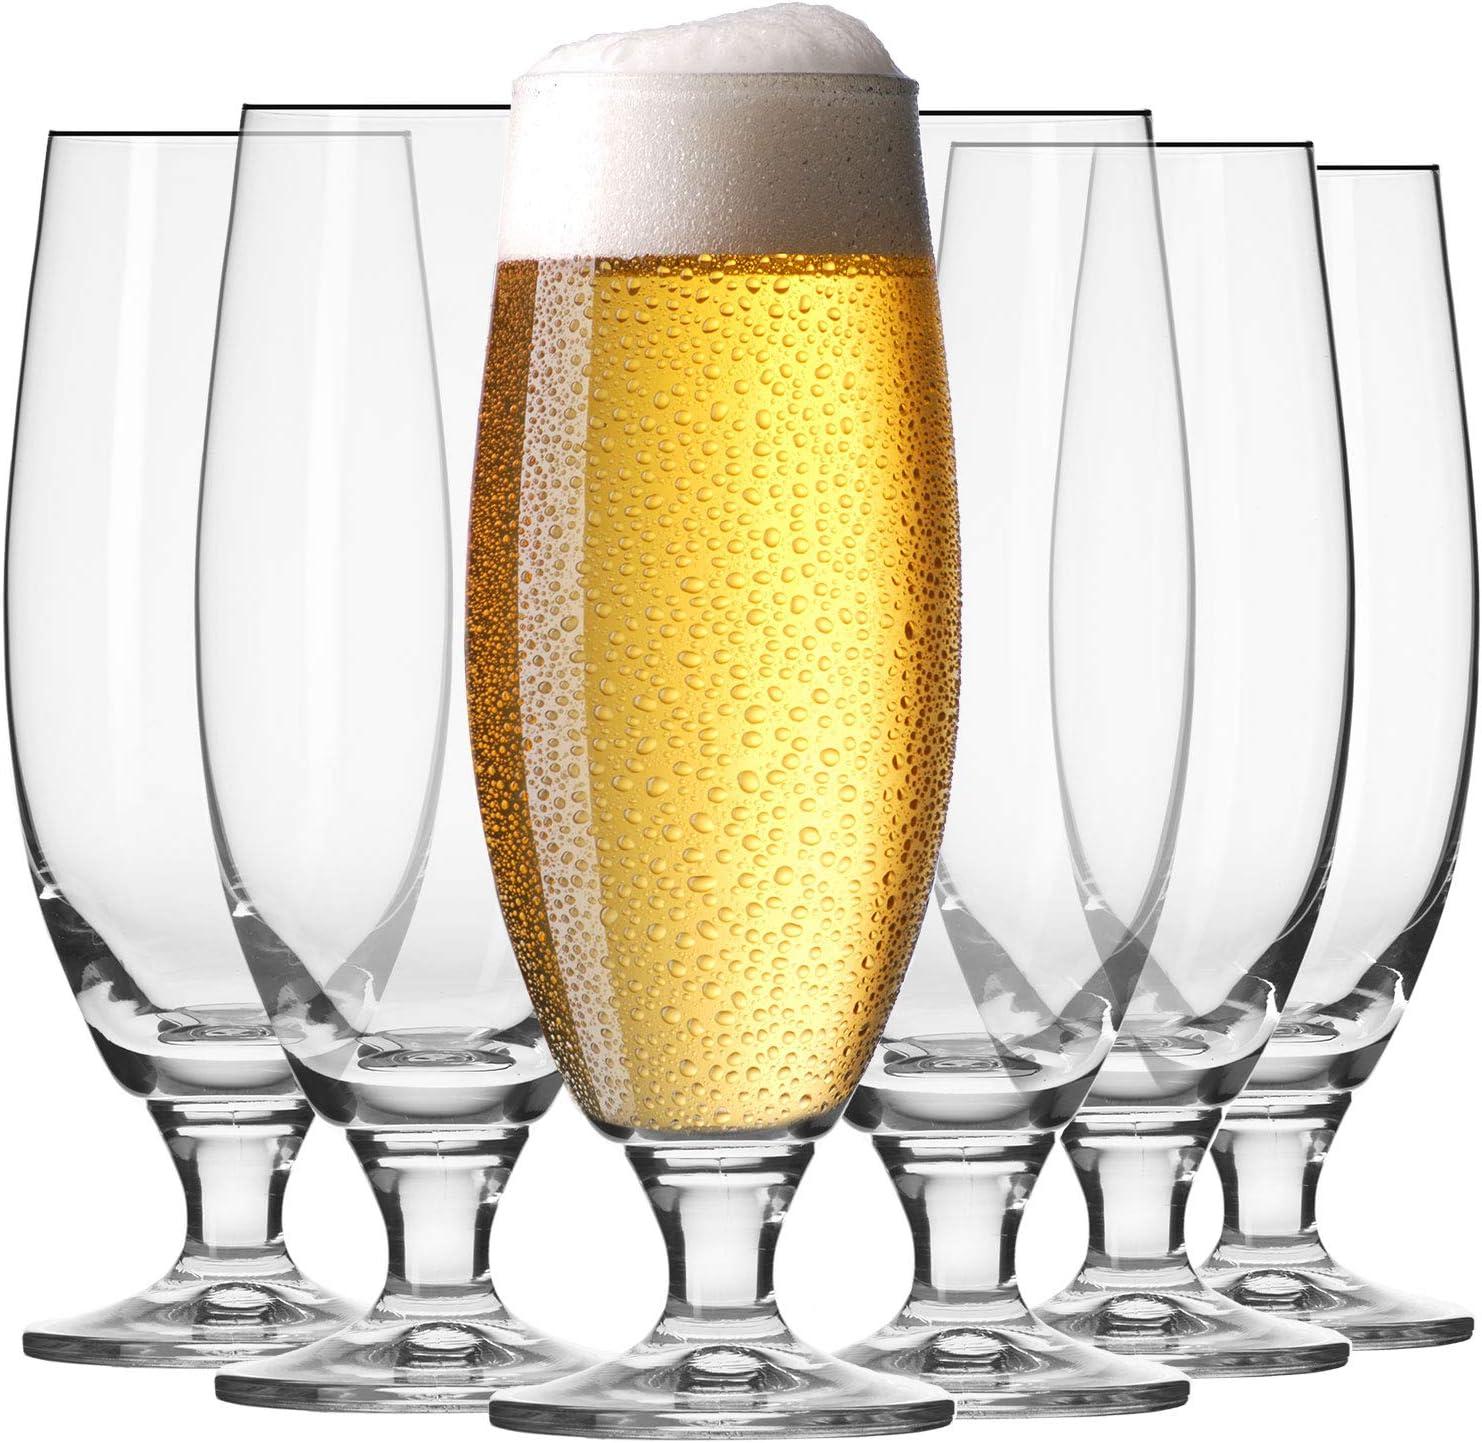 Krosno Vasos Copas de Cerveza Blanca | Conjunto 6 Piezas | 500 ML | Elite Collection Uso en Casa, Restaurante y en Fiestas | Apto para Microondas y Lavavajillas